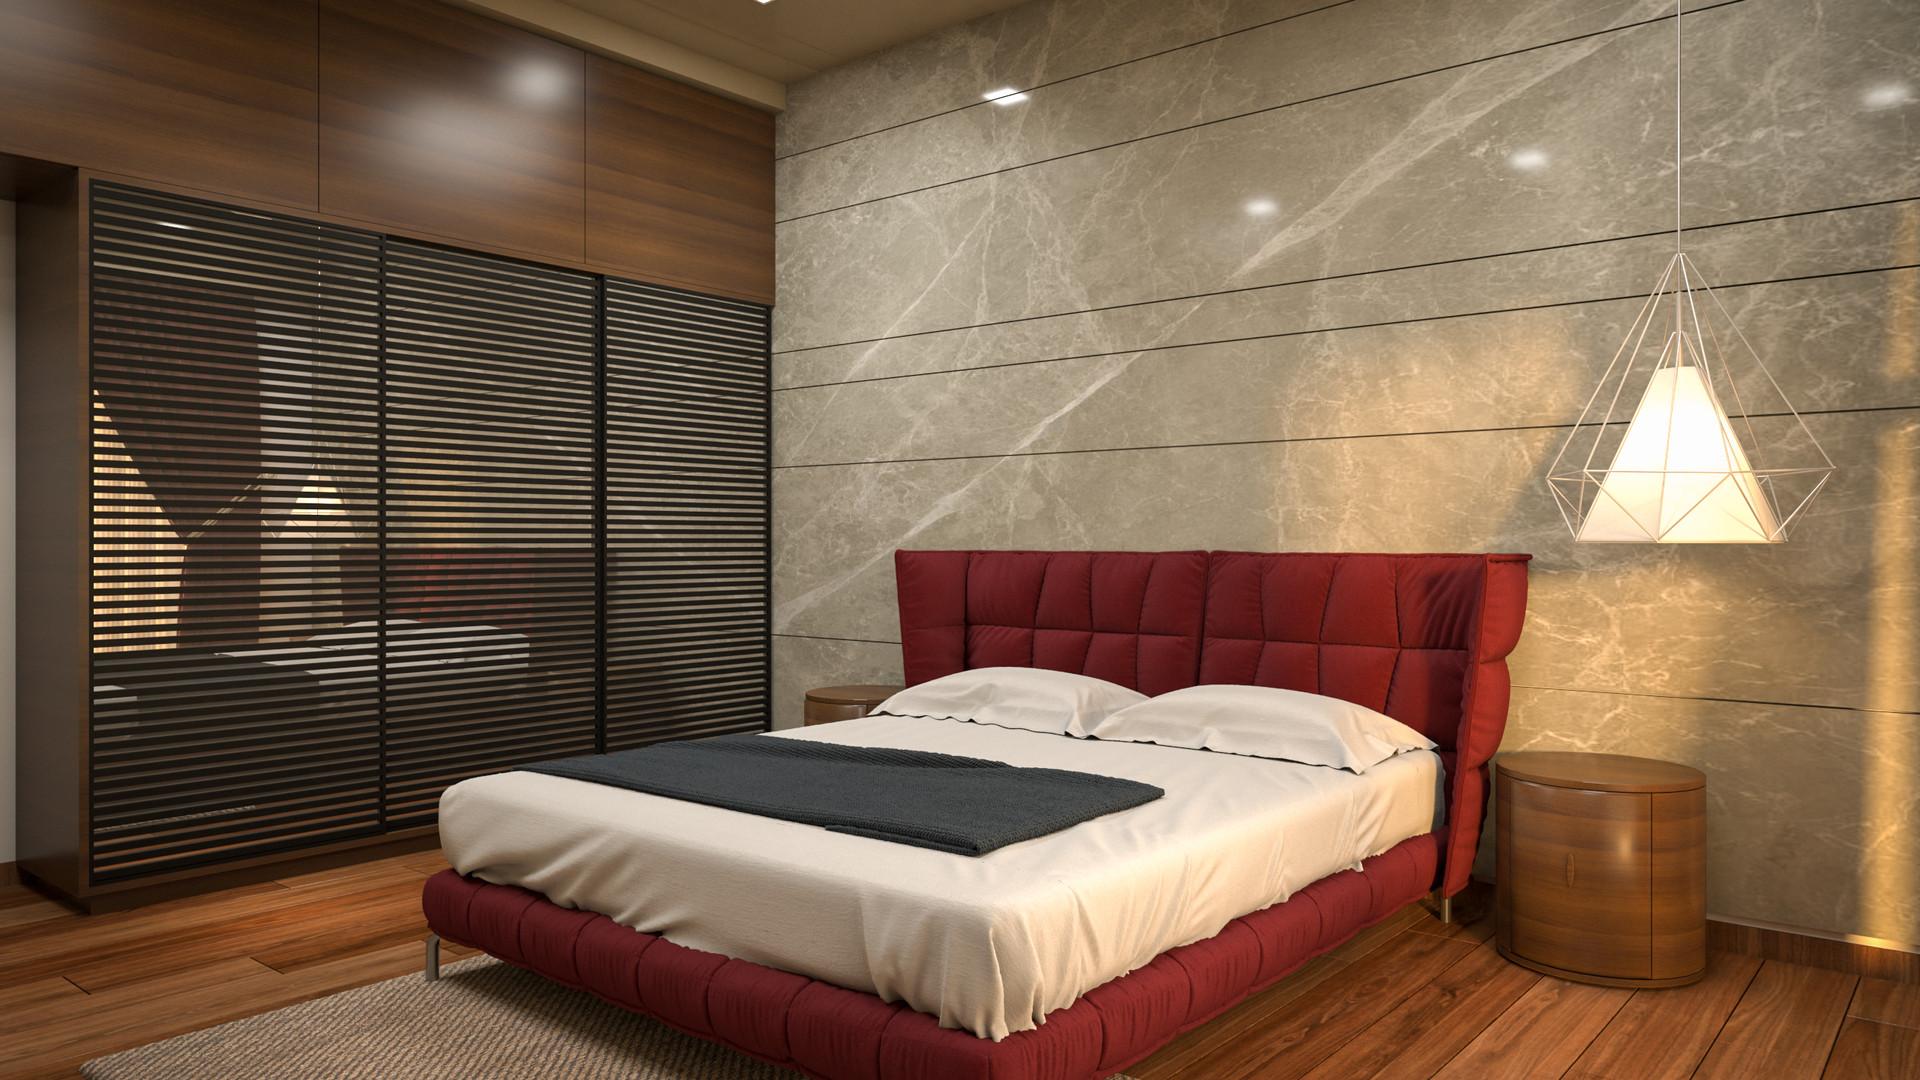 son bedroom v2.jpg